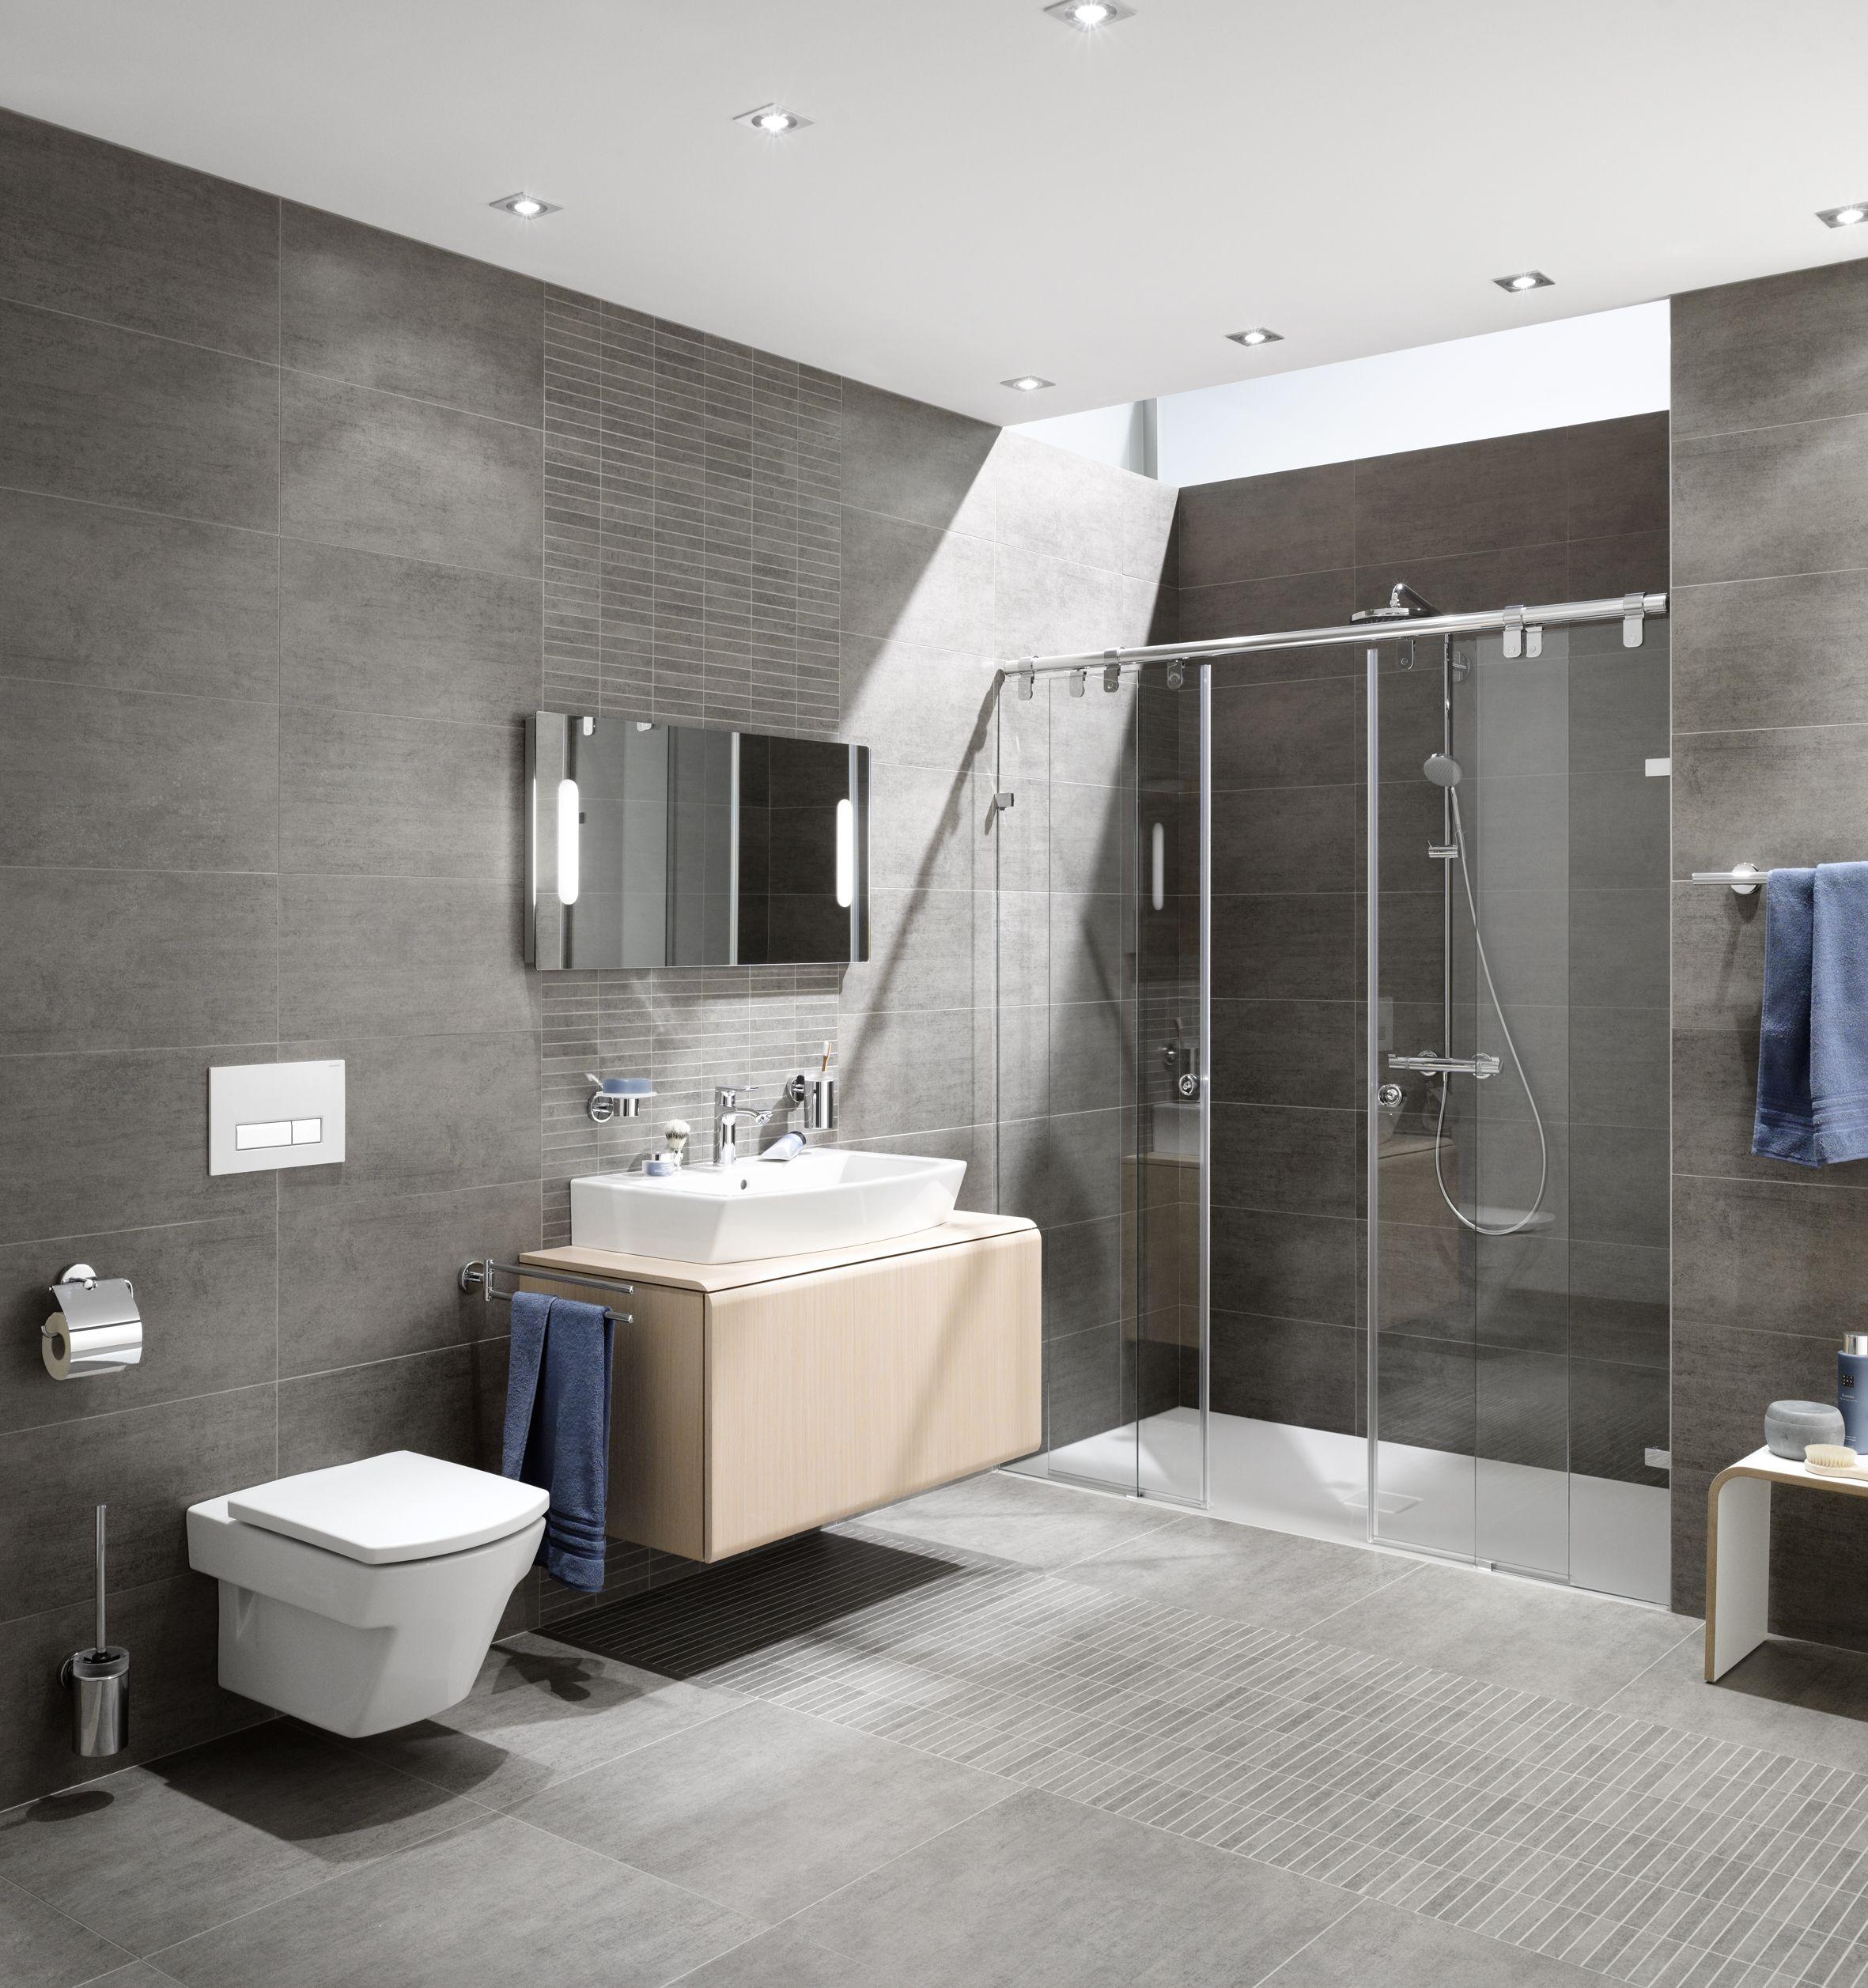 Betonoptik Im Badezimmer Badezimmer Muster Graue Badfliesen Badezimmer Beispiele